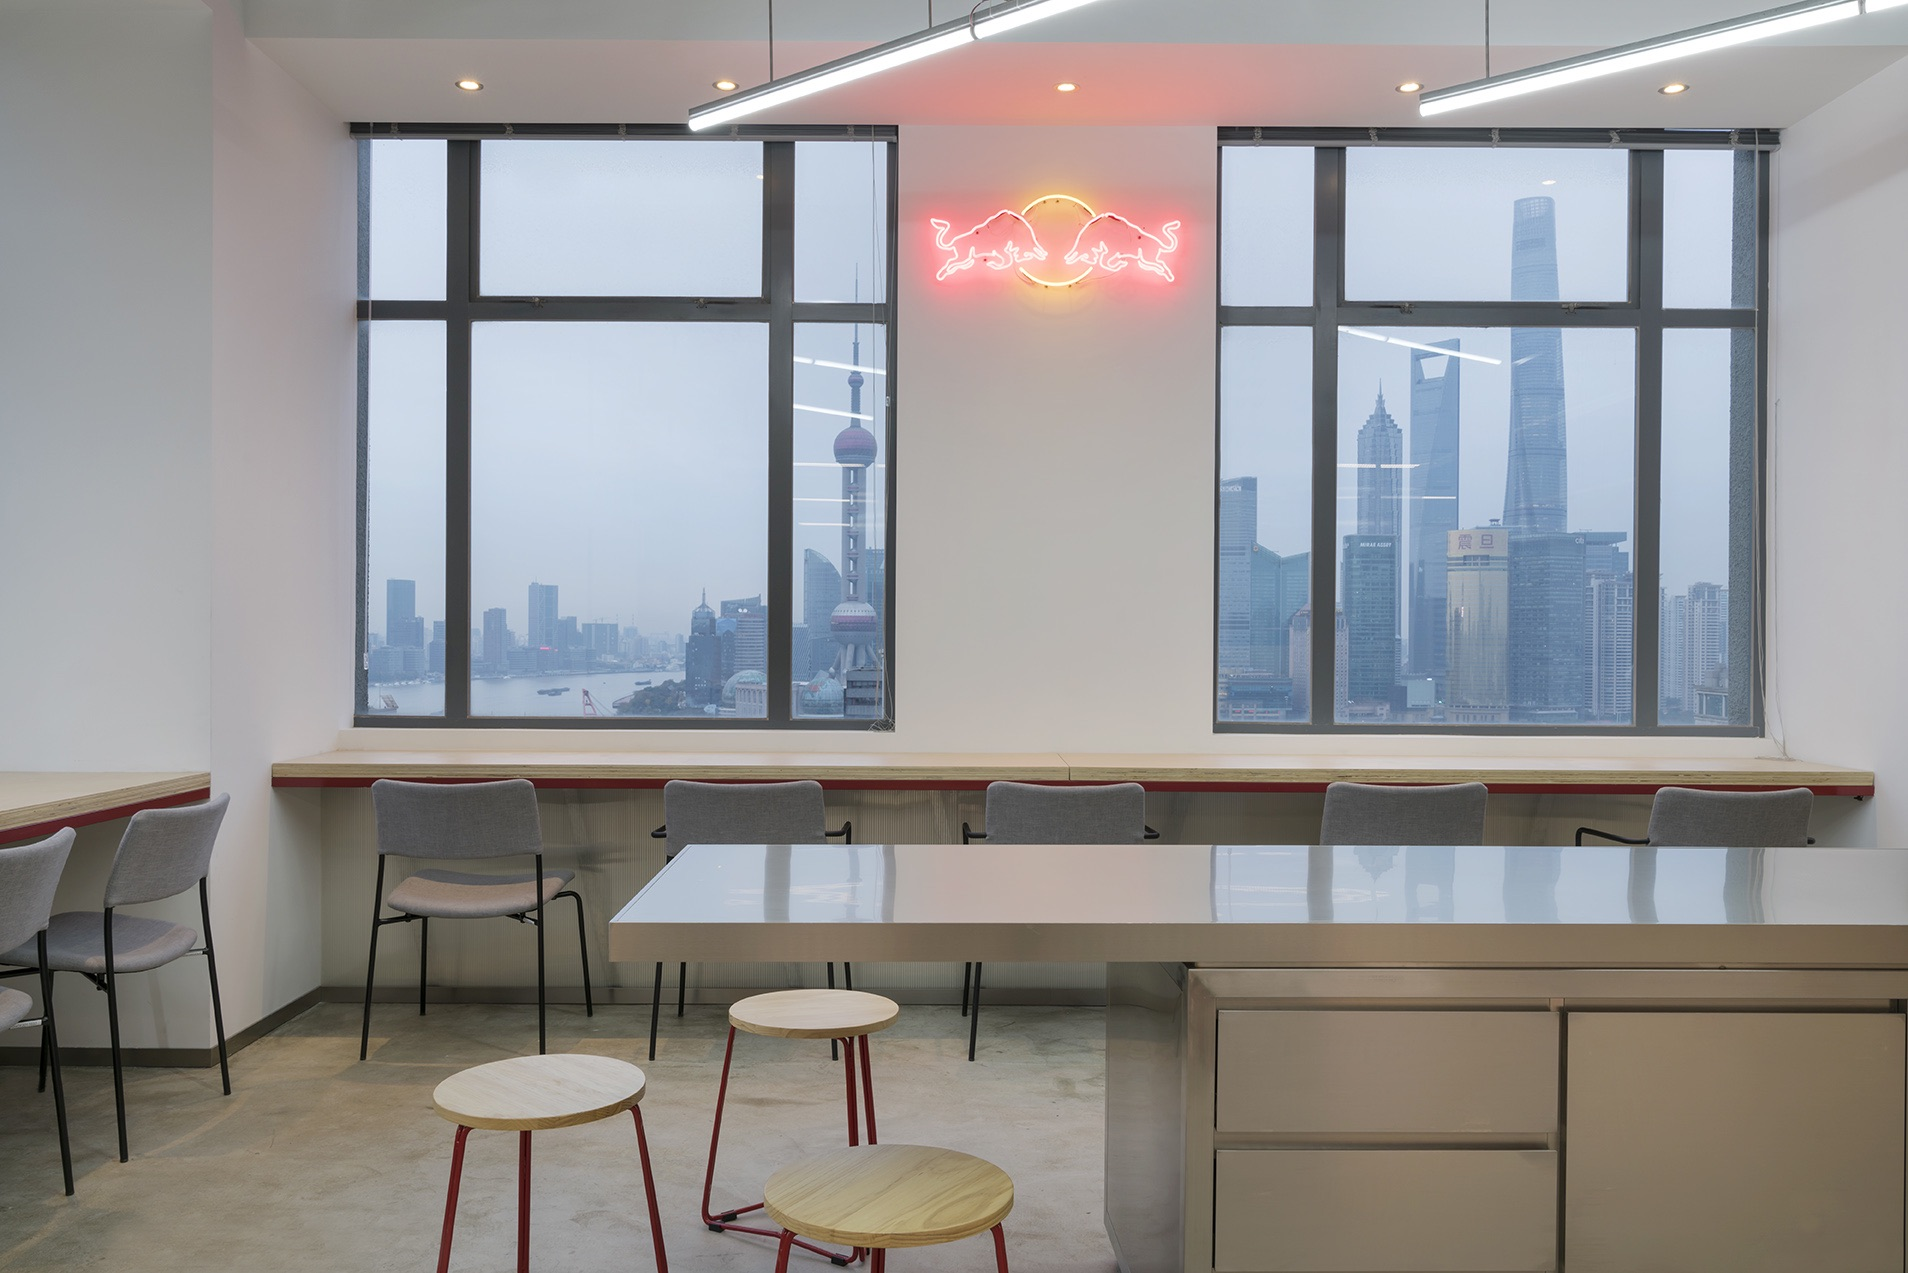 redbull-shanghai-office-12